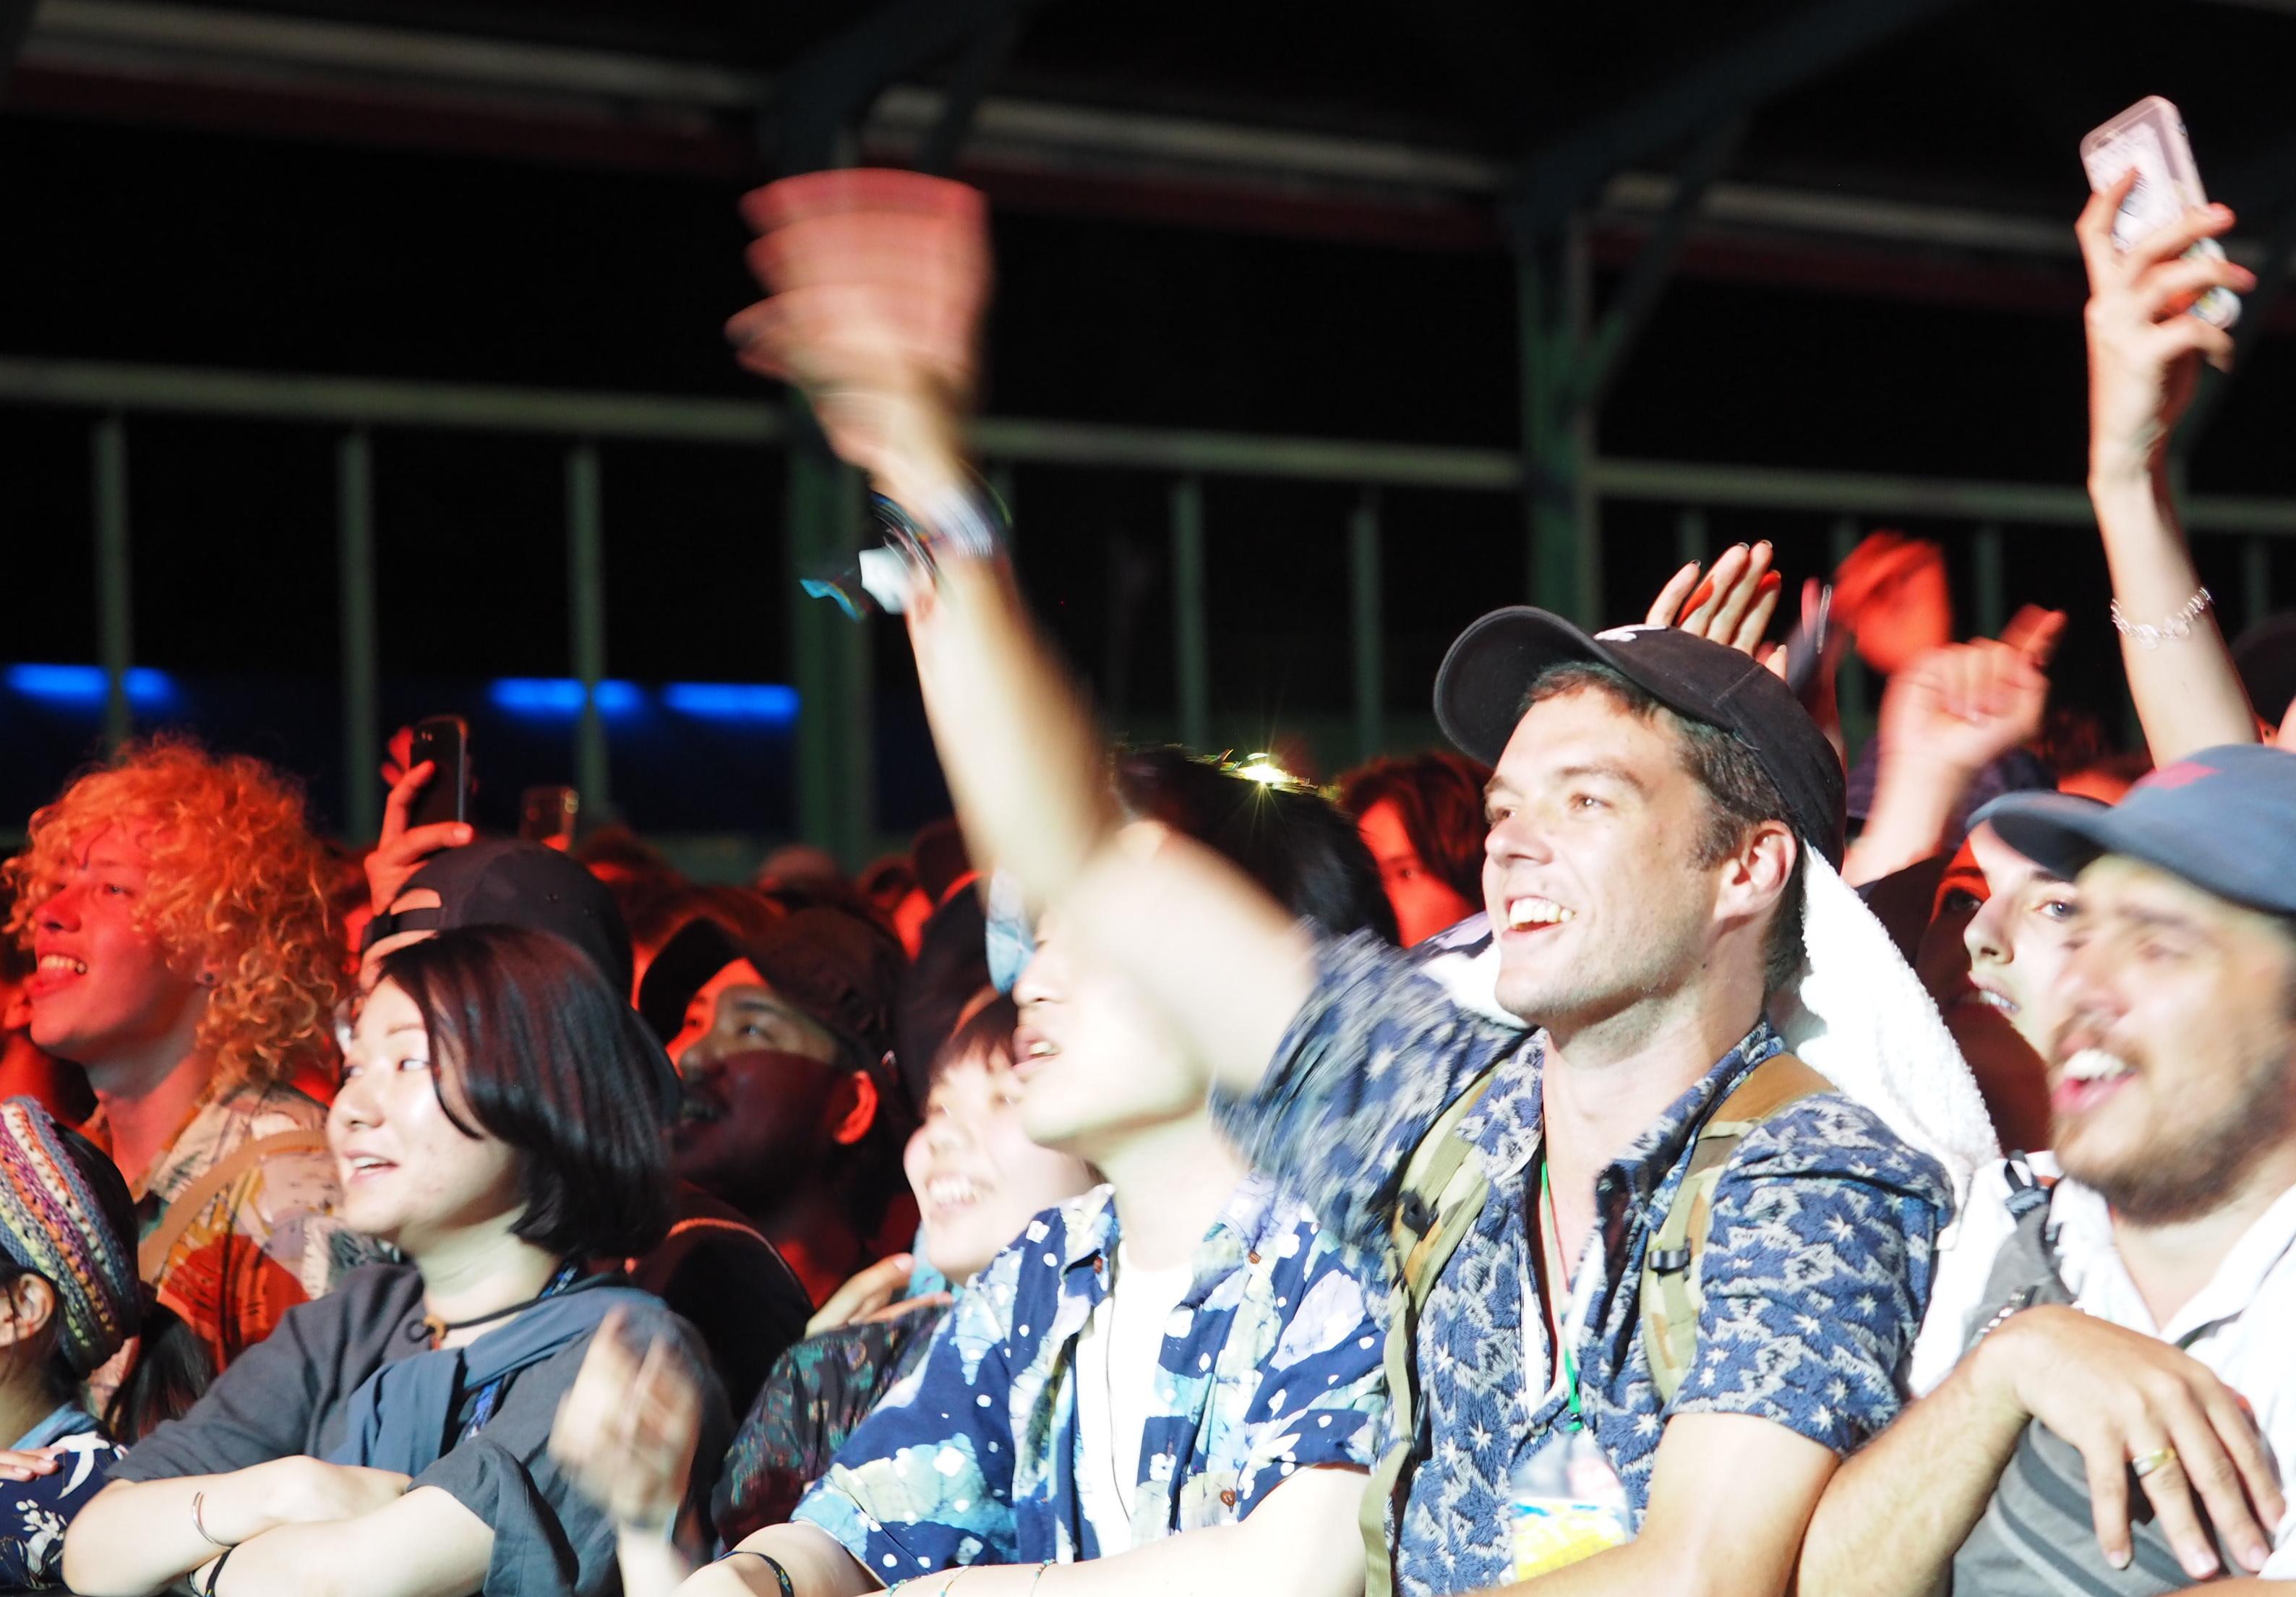 Fuji Rock crowd